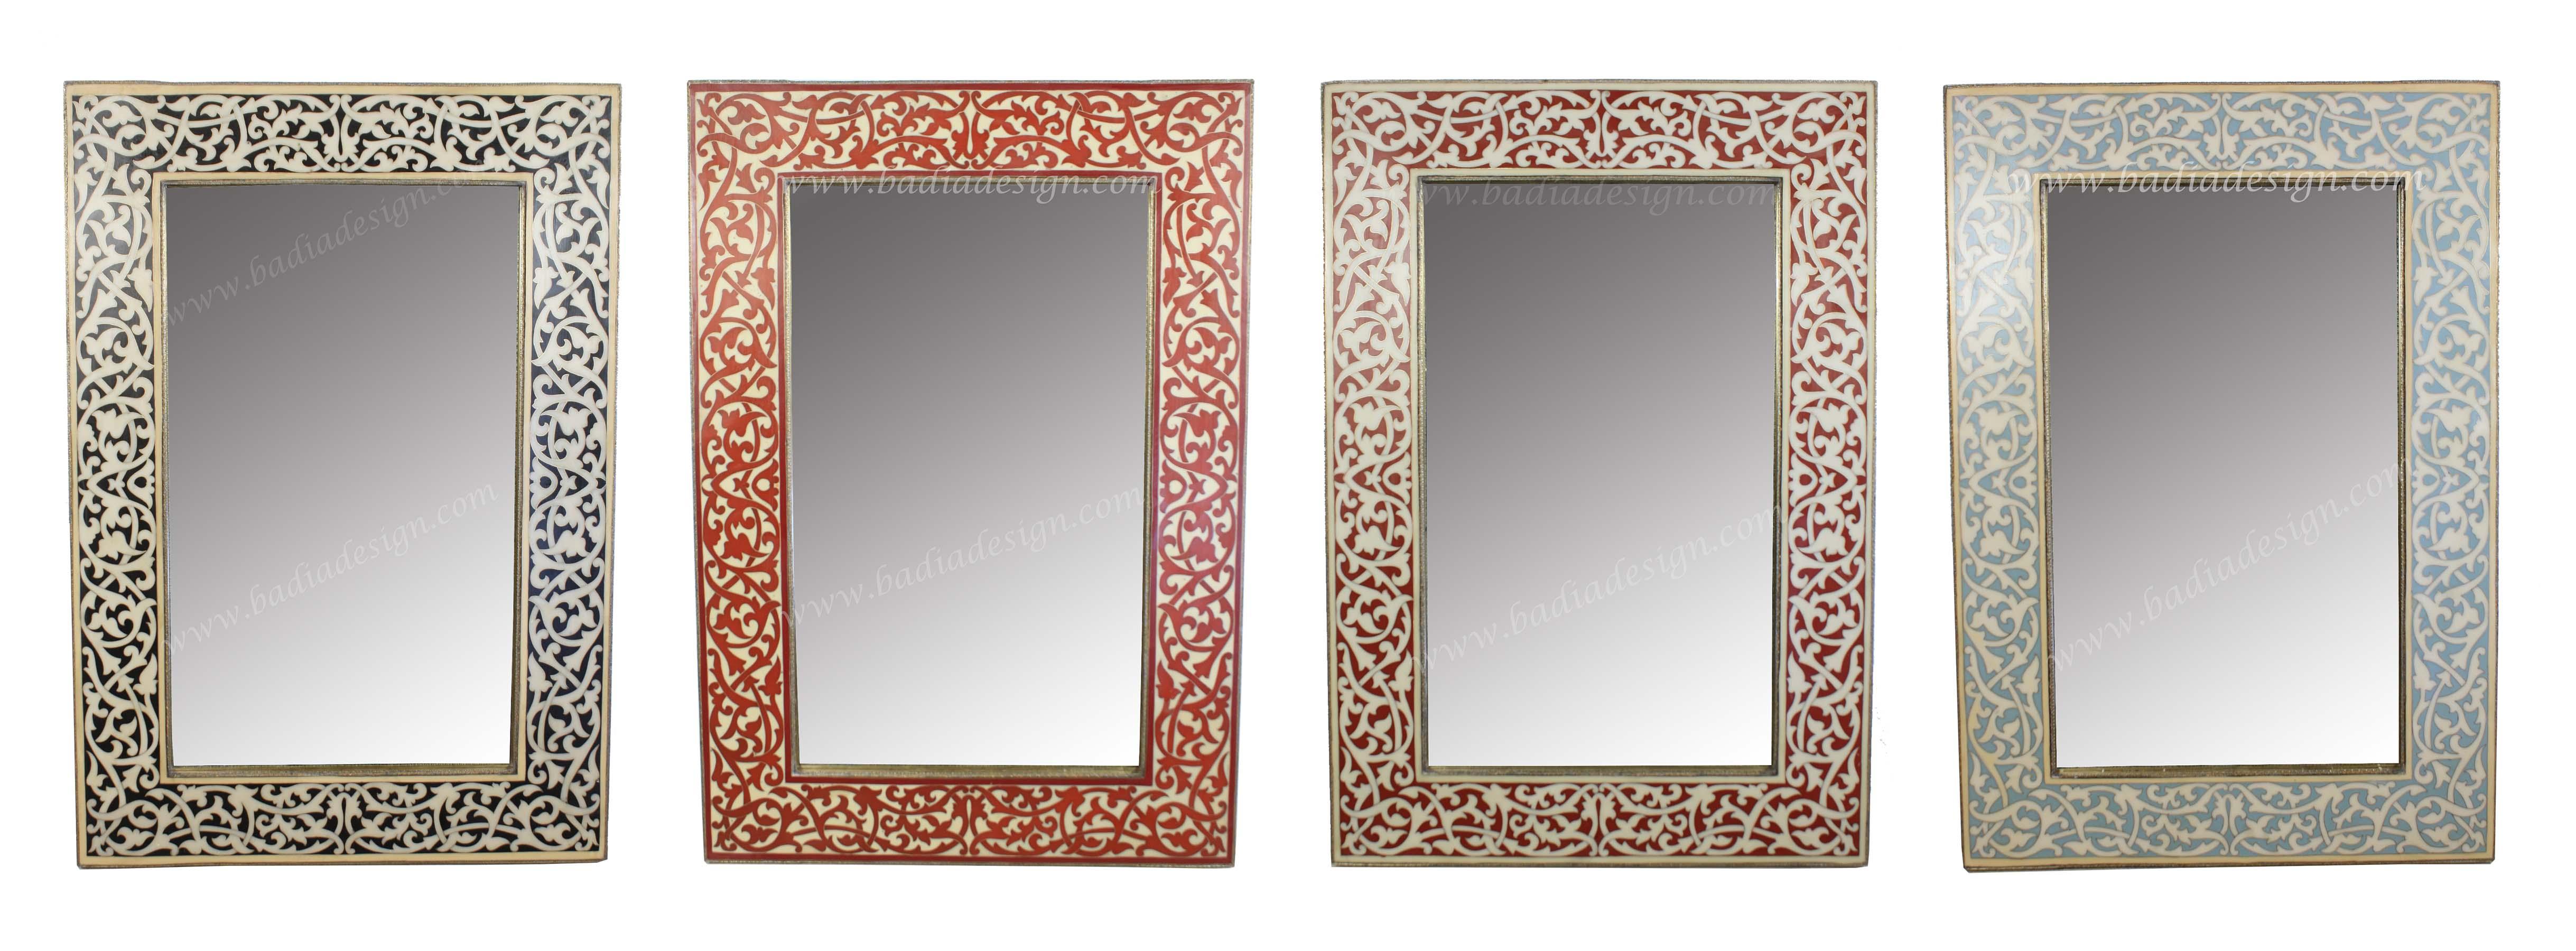 moroccan-camel-bone-mirror-los-angeles-m-mb068.jpg